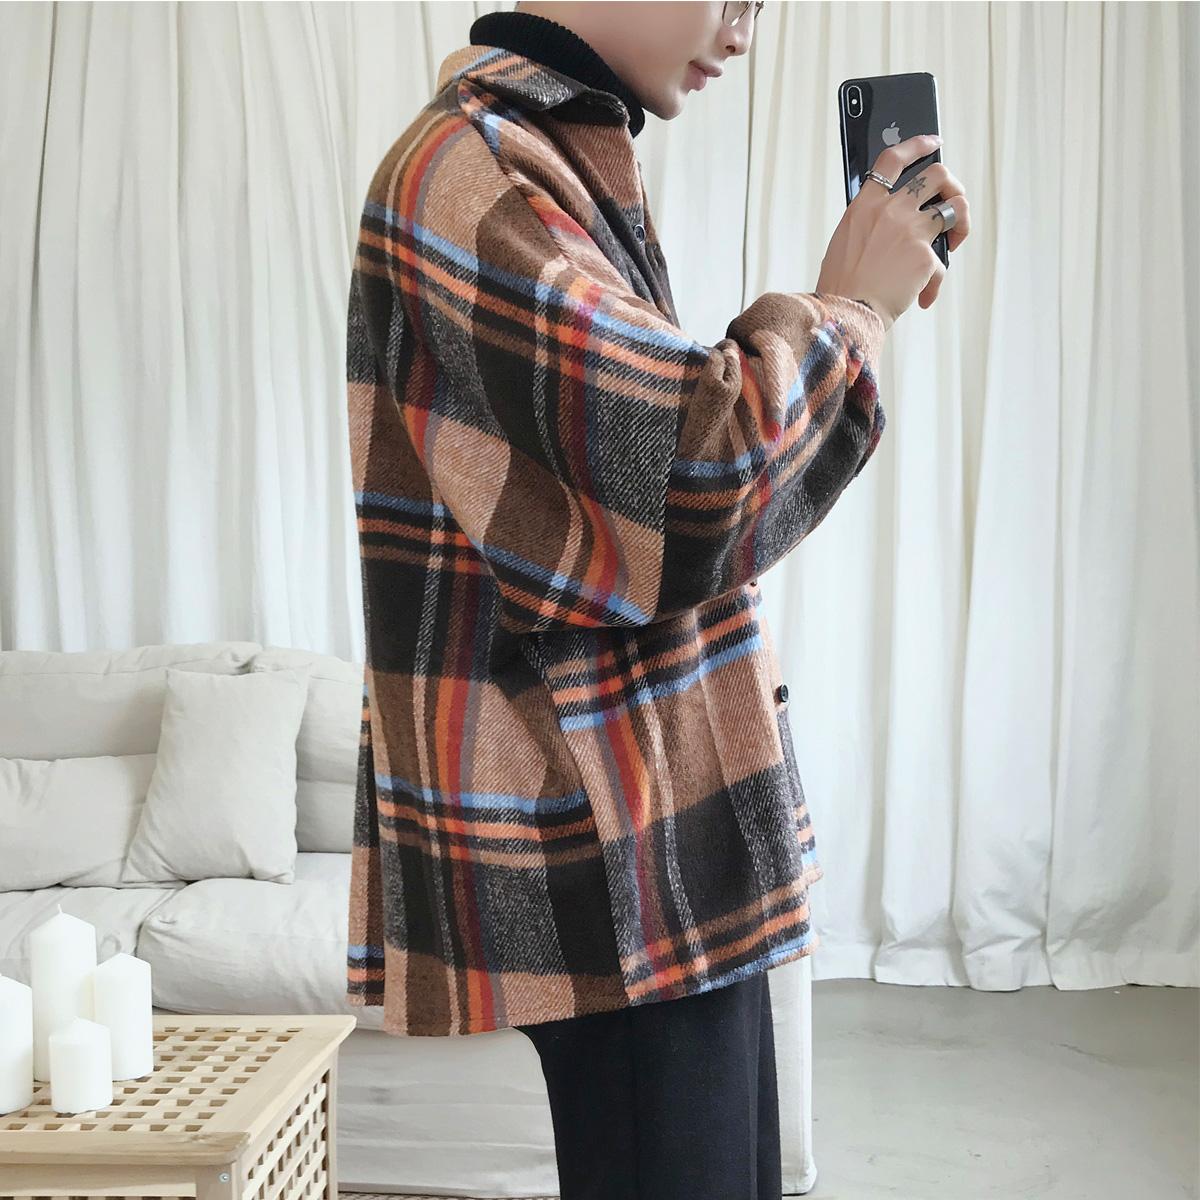 新品 港风格子衬衫秋季男士衬衣加大码潮流宽松情侣外套CS182-P65